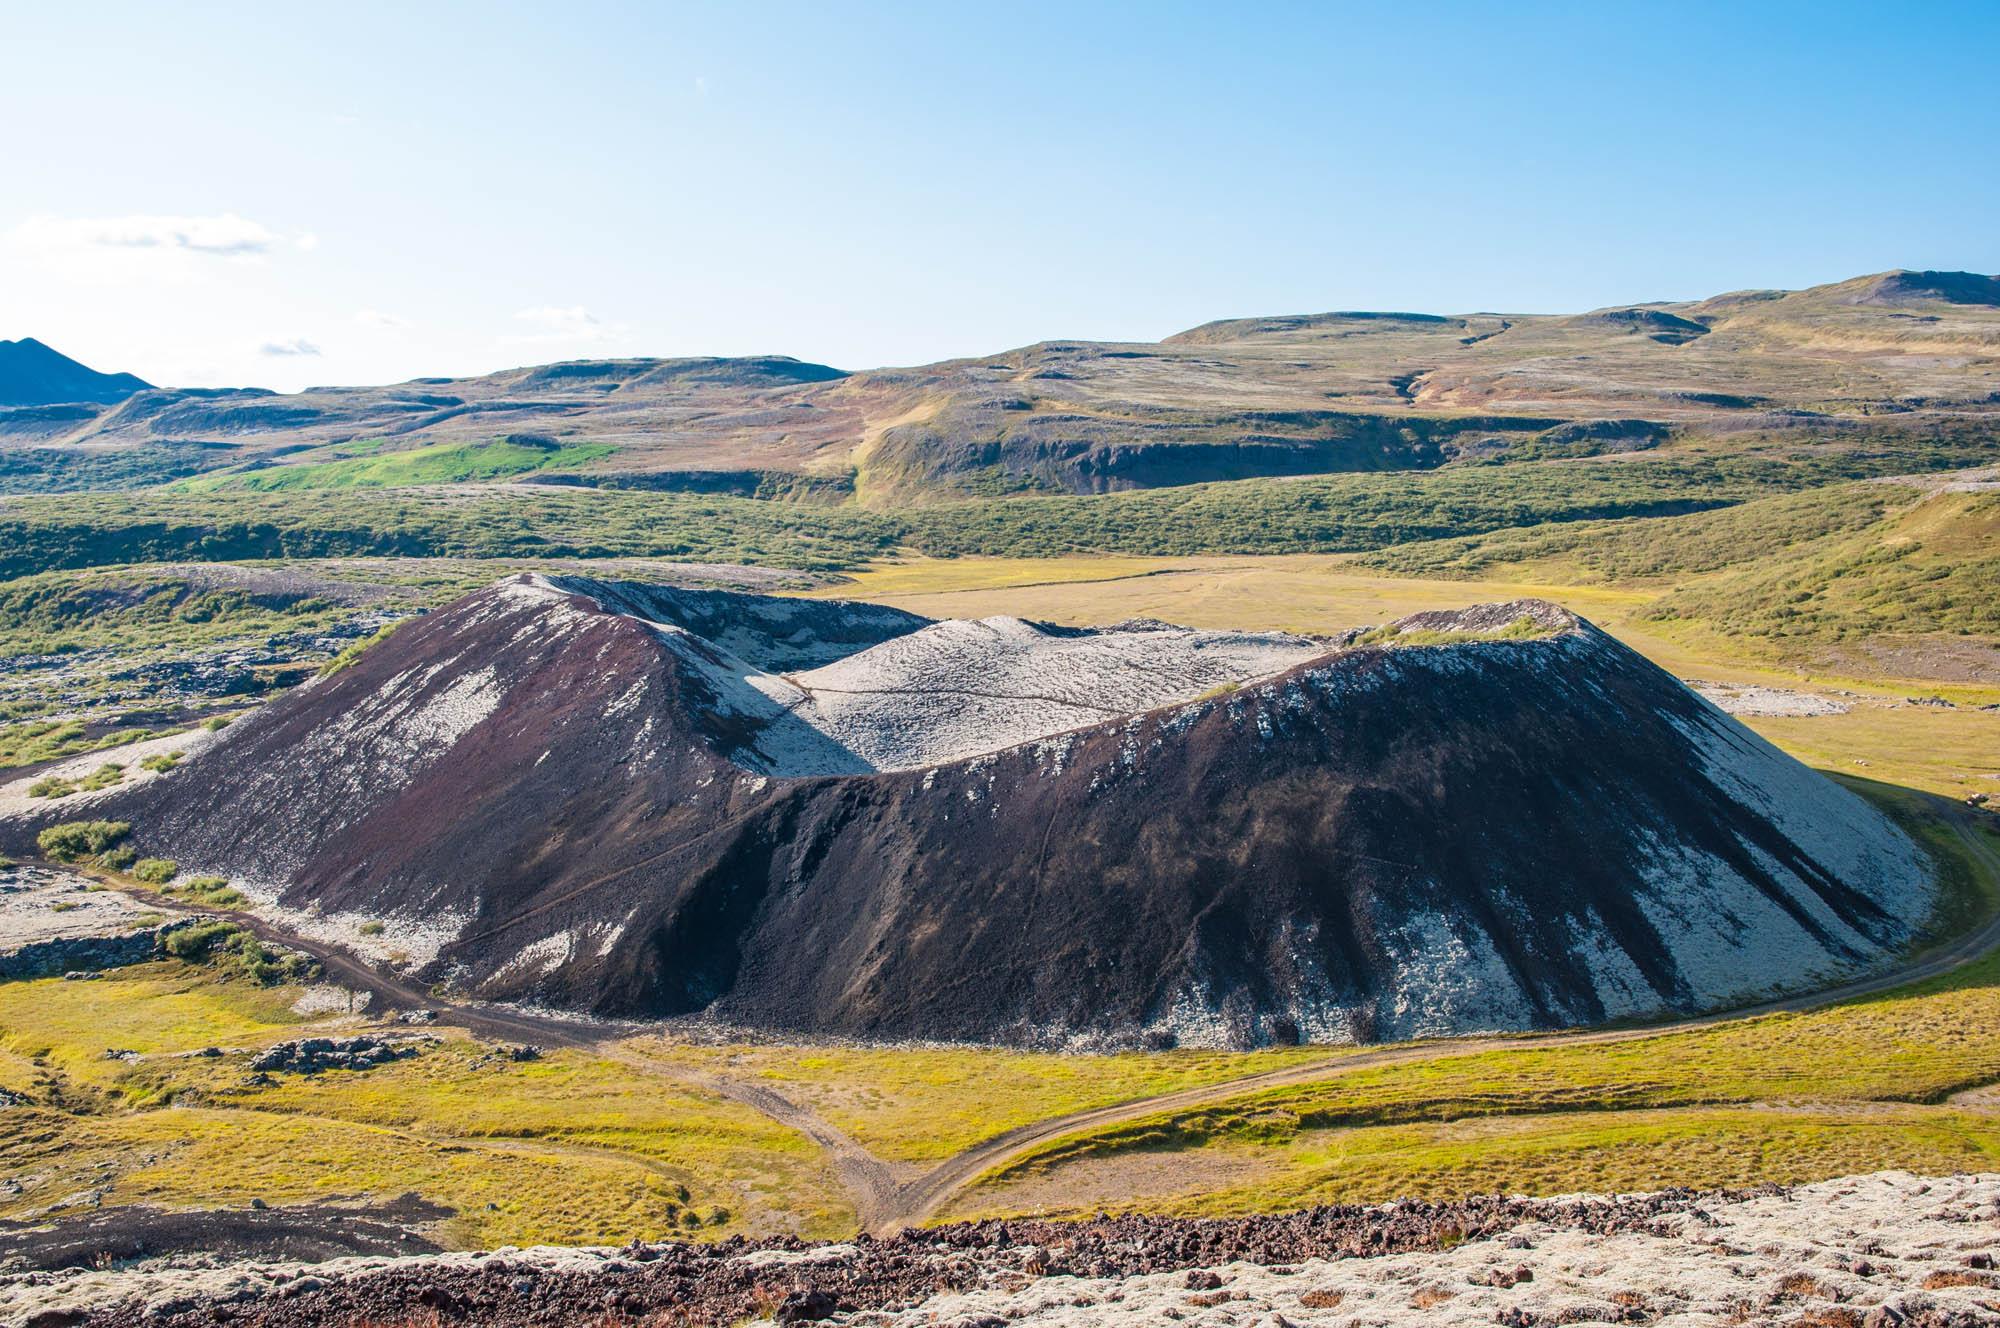 Round tour Iceland - Grabrok crater in Iceland